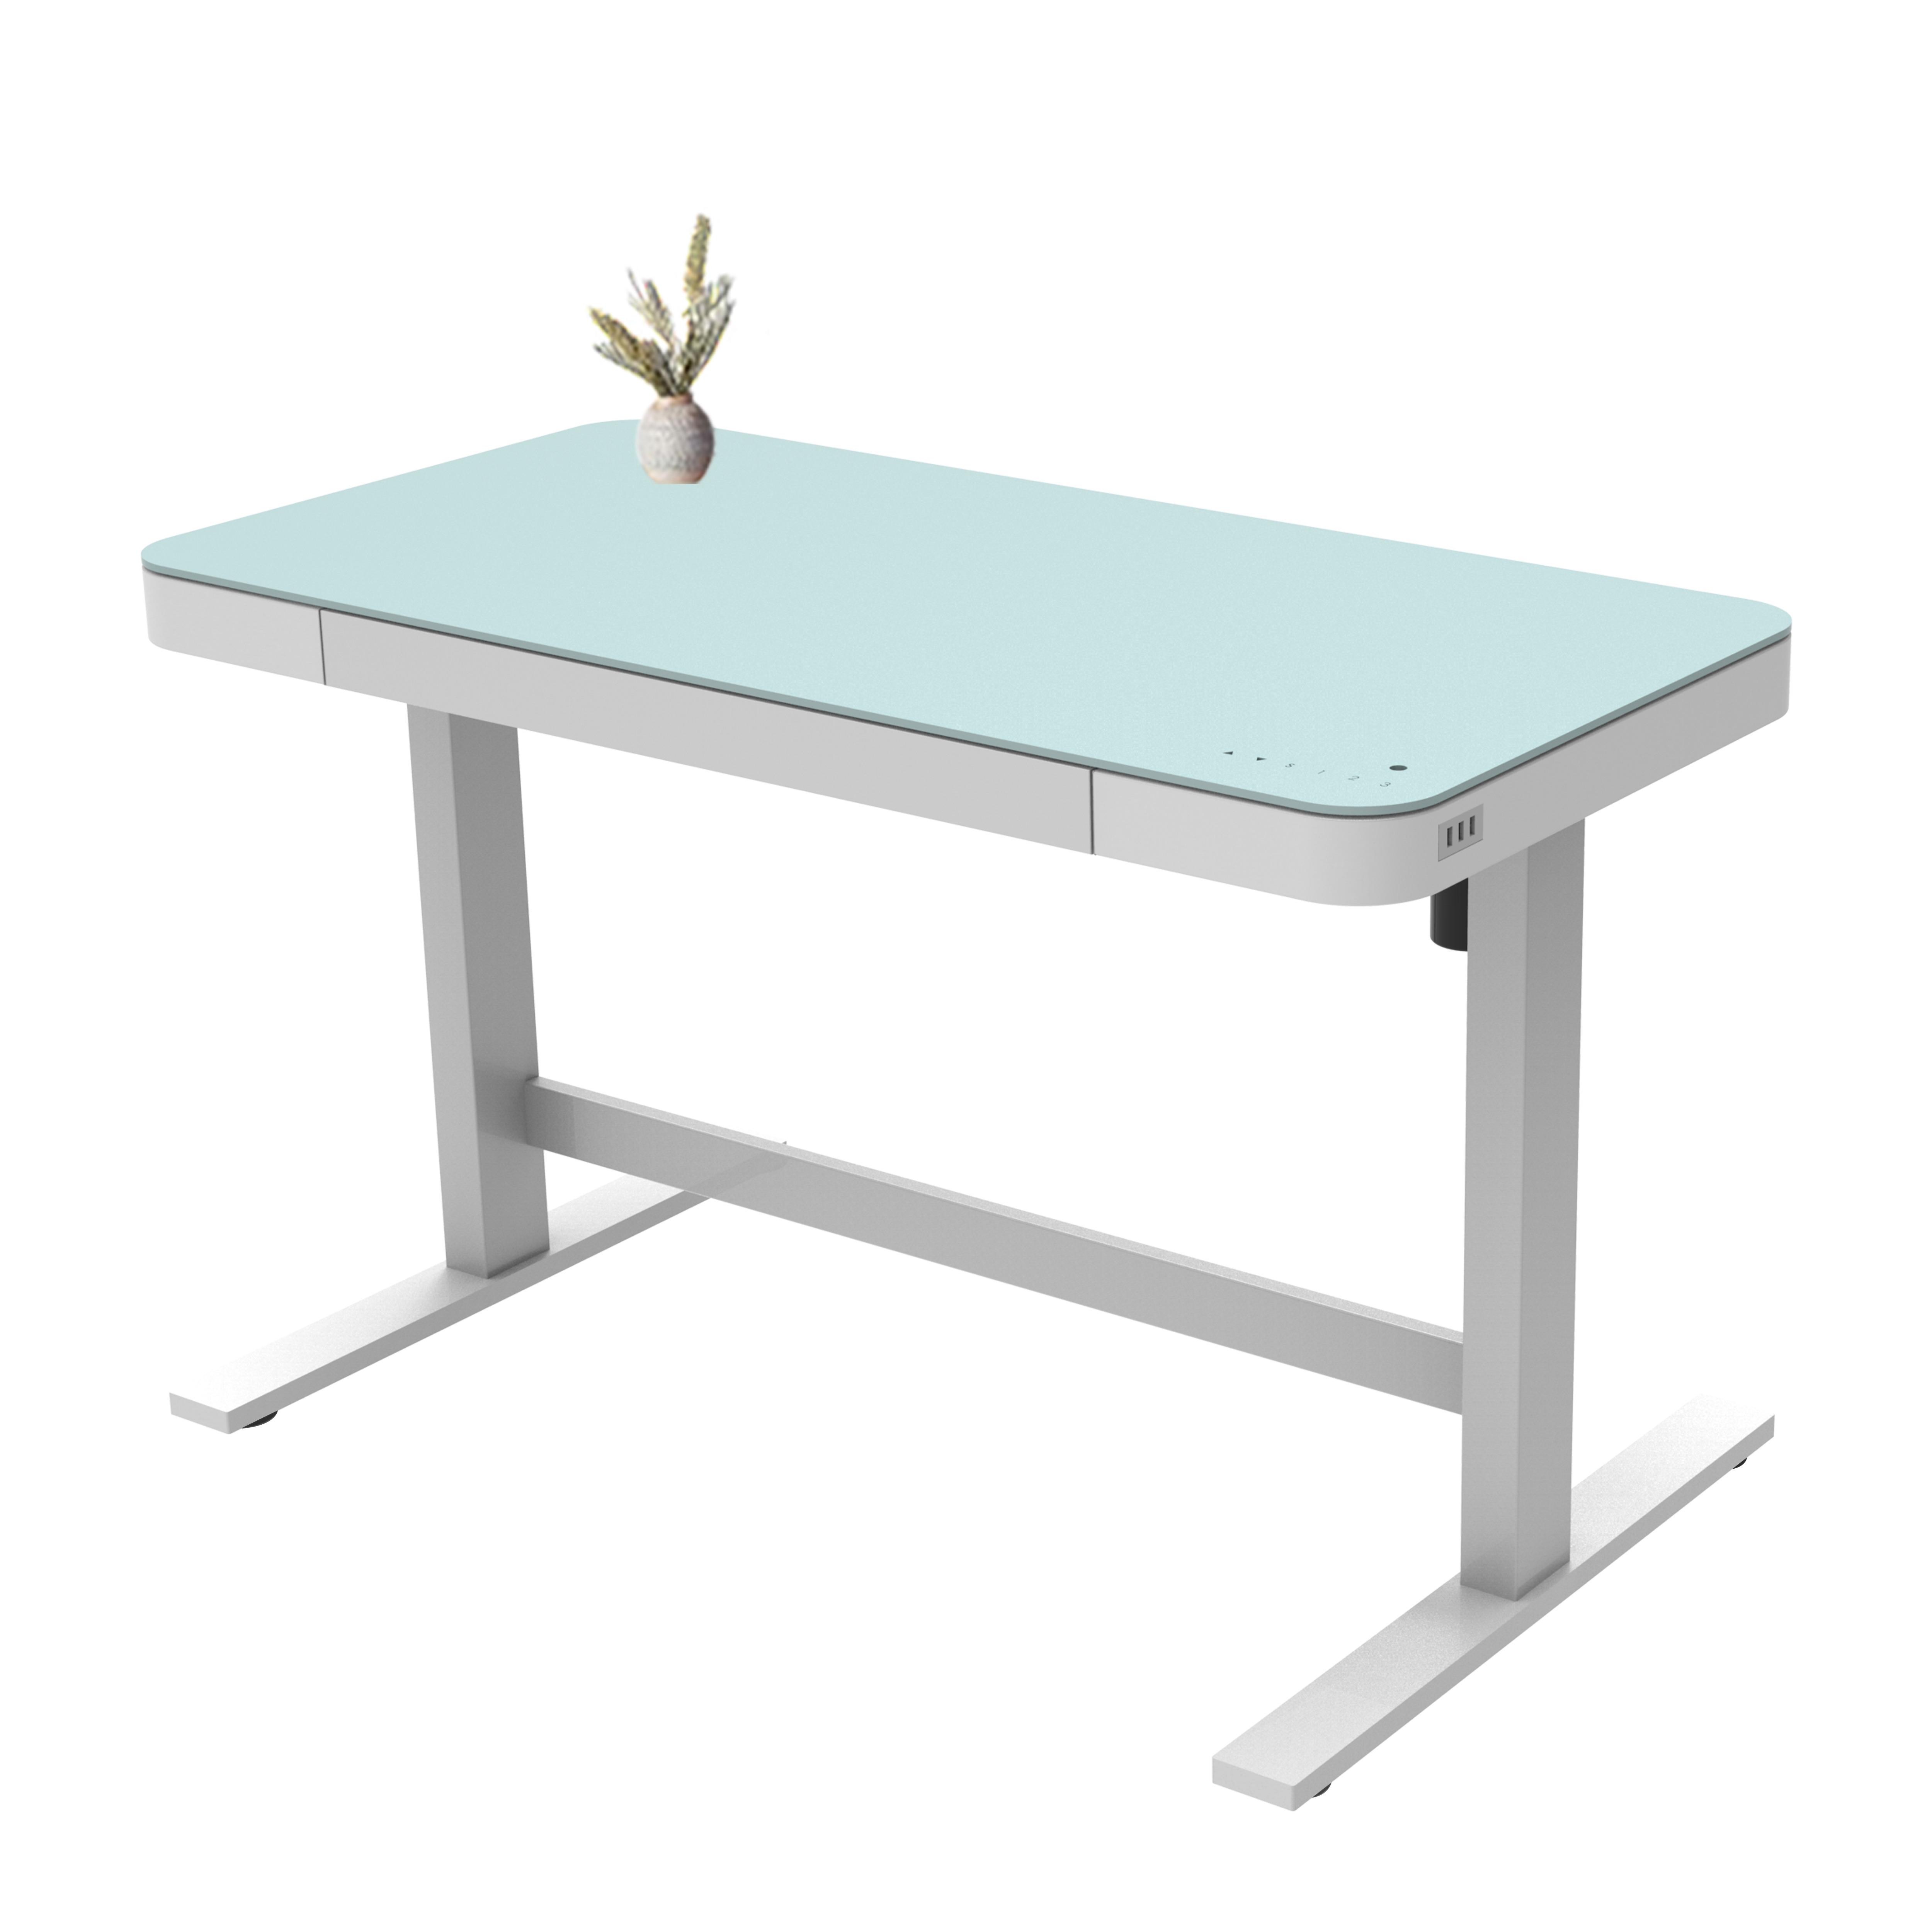 Подъемный стол с регулируемой высотой, Электрический белый подъемный стол со стеклянной крышкой и двойным Usb-зарядным устройством